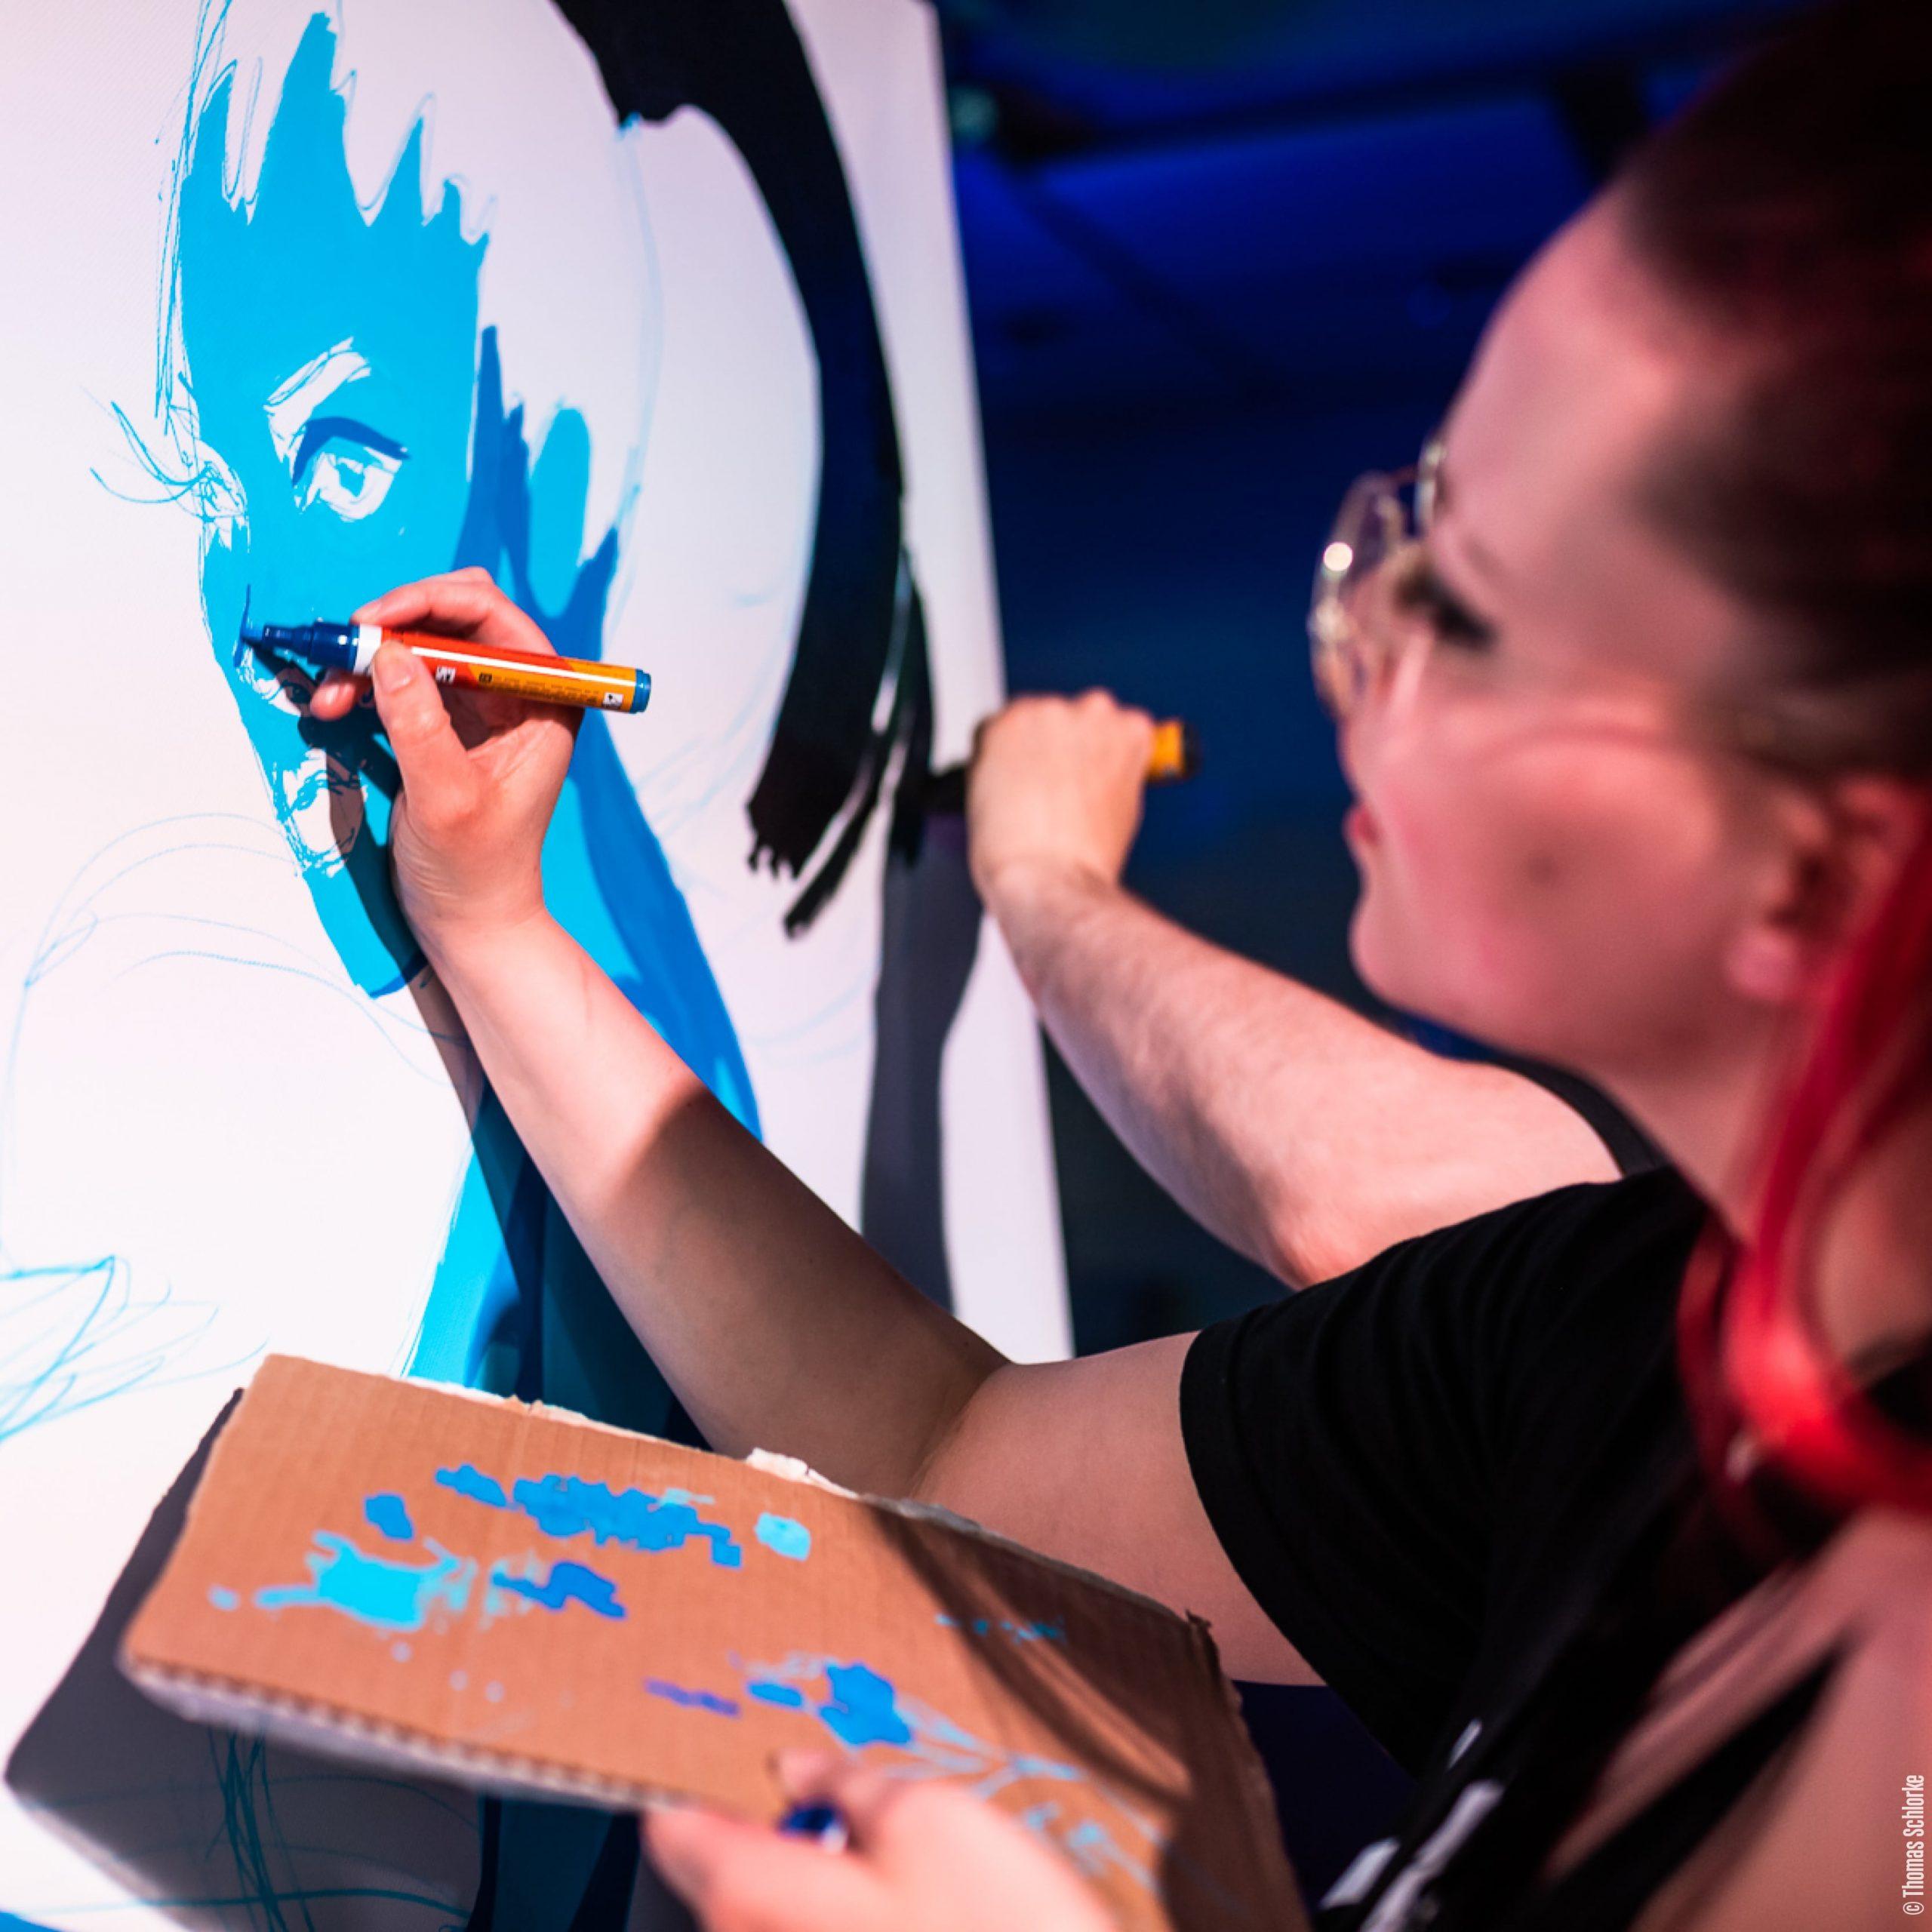 paintclub bild 3